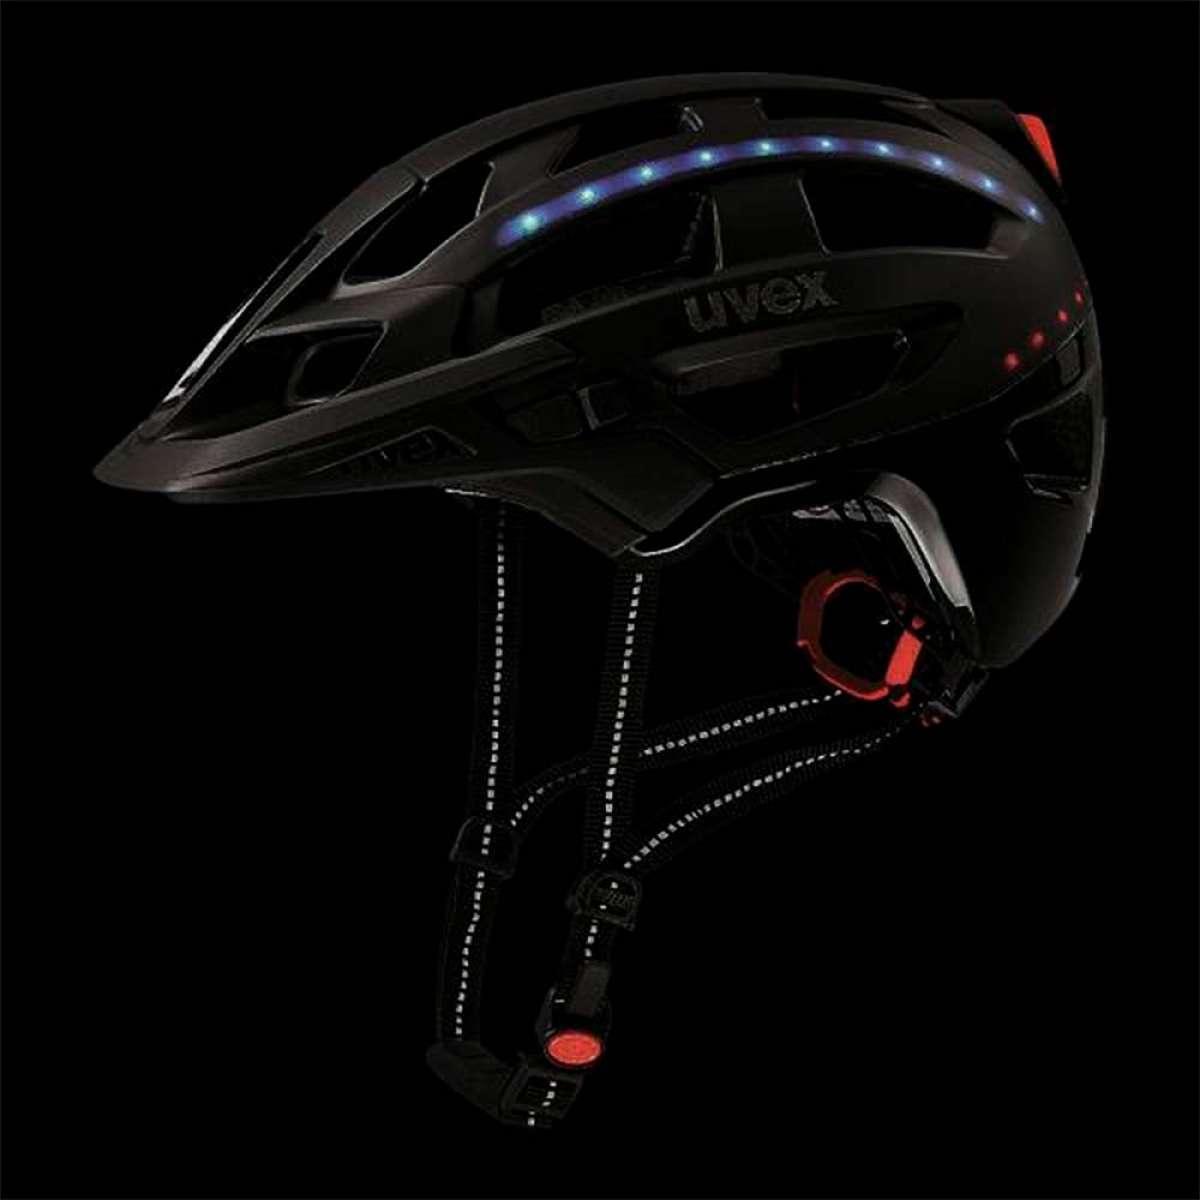 Uvex Finale Light, un casco urbano de estética MTB con sistema de iluminación LED integrado